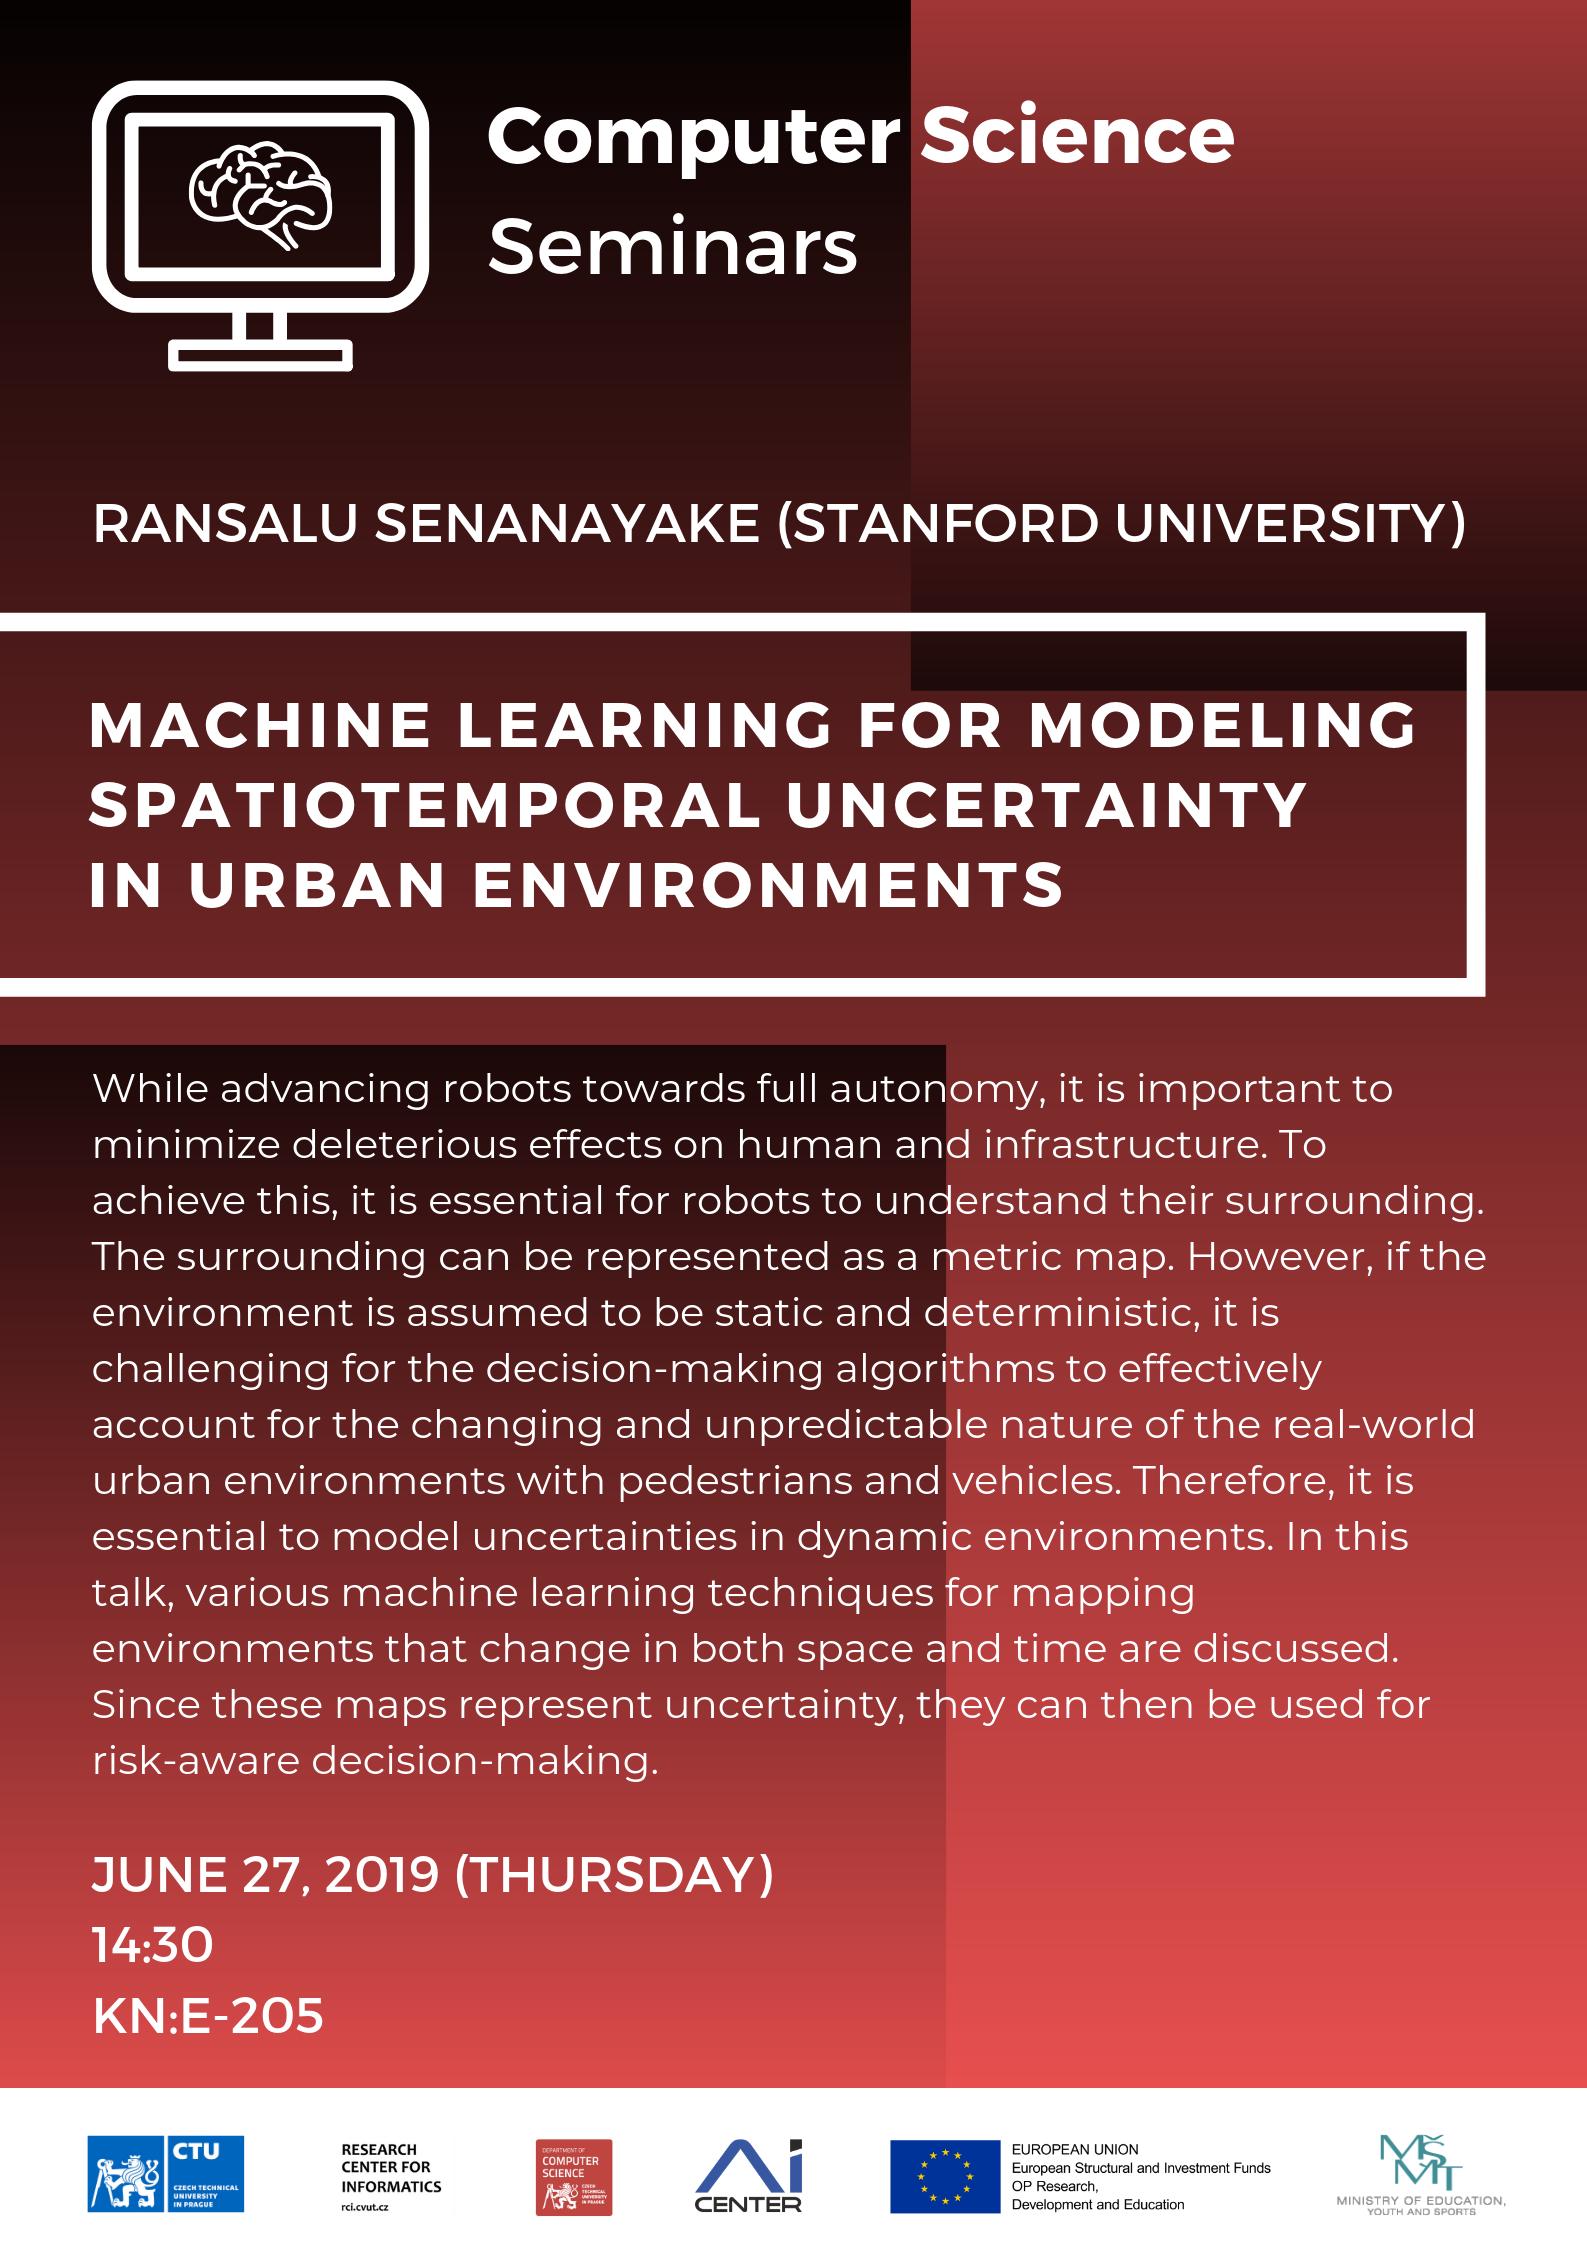 cs seminar – r  senanayake (stanford university)